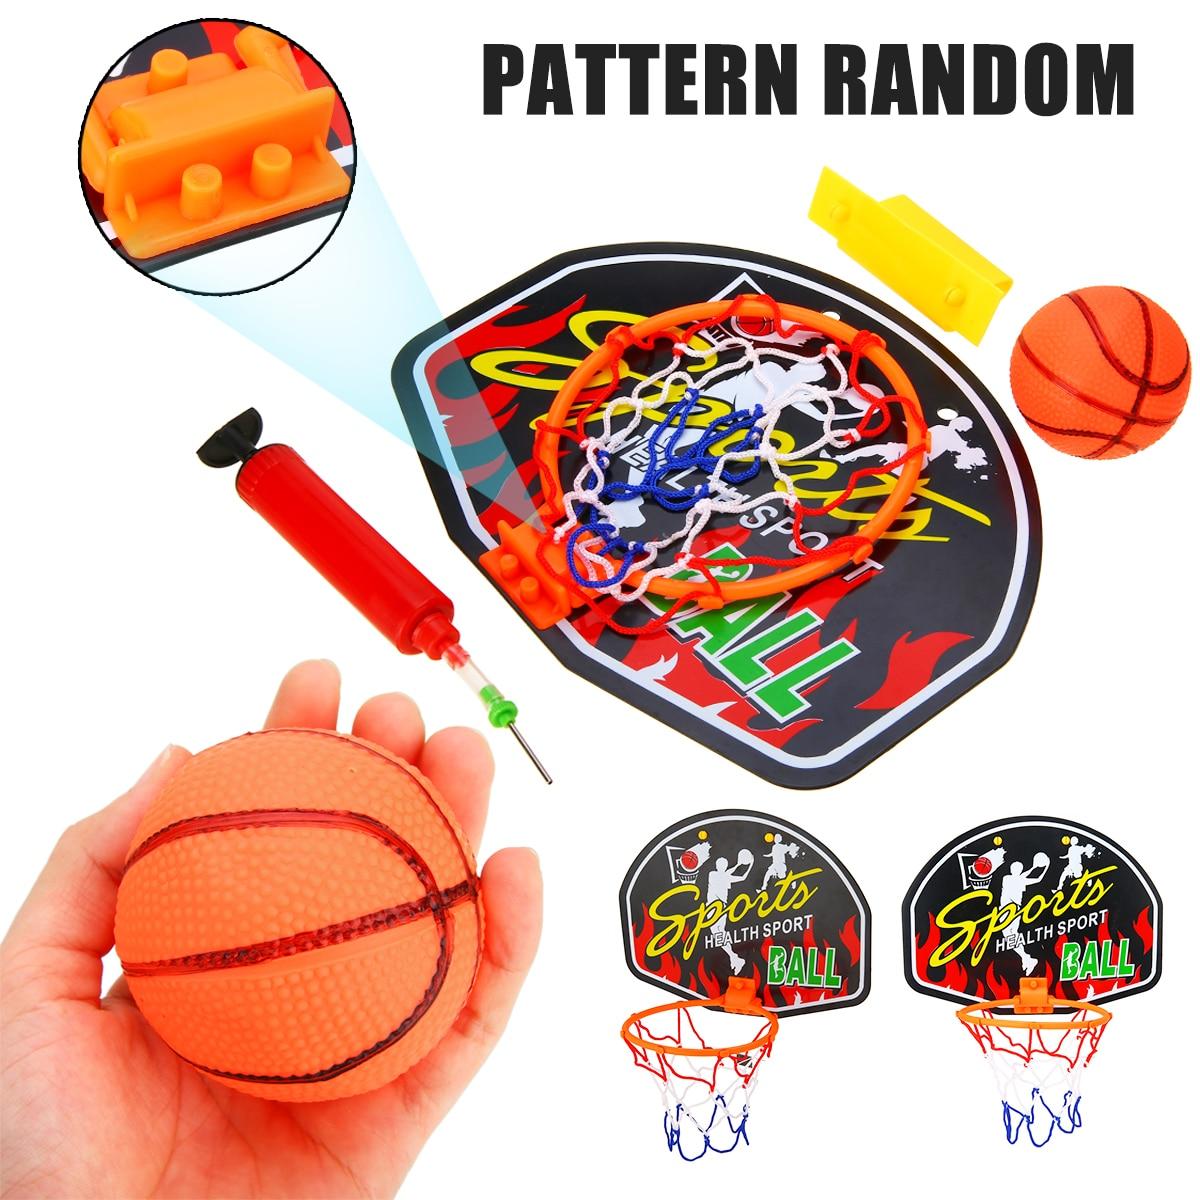 Мини баскетбольная сетка для обруча набор спортивных тренировок баскетбольная доска для детей подарок игрушки спортивная игра в помещении